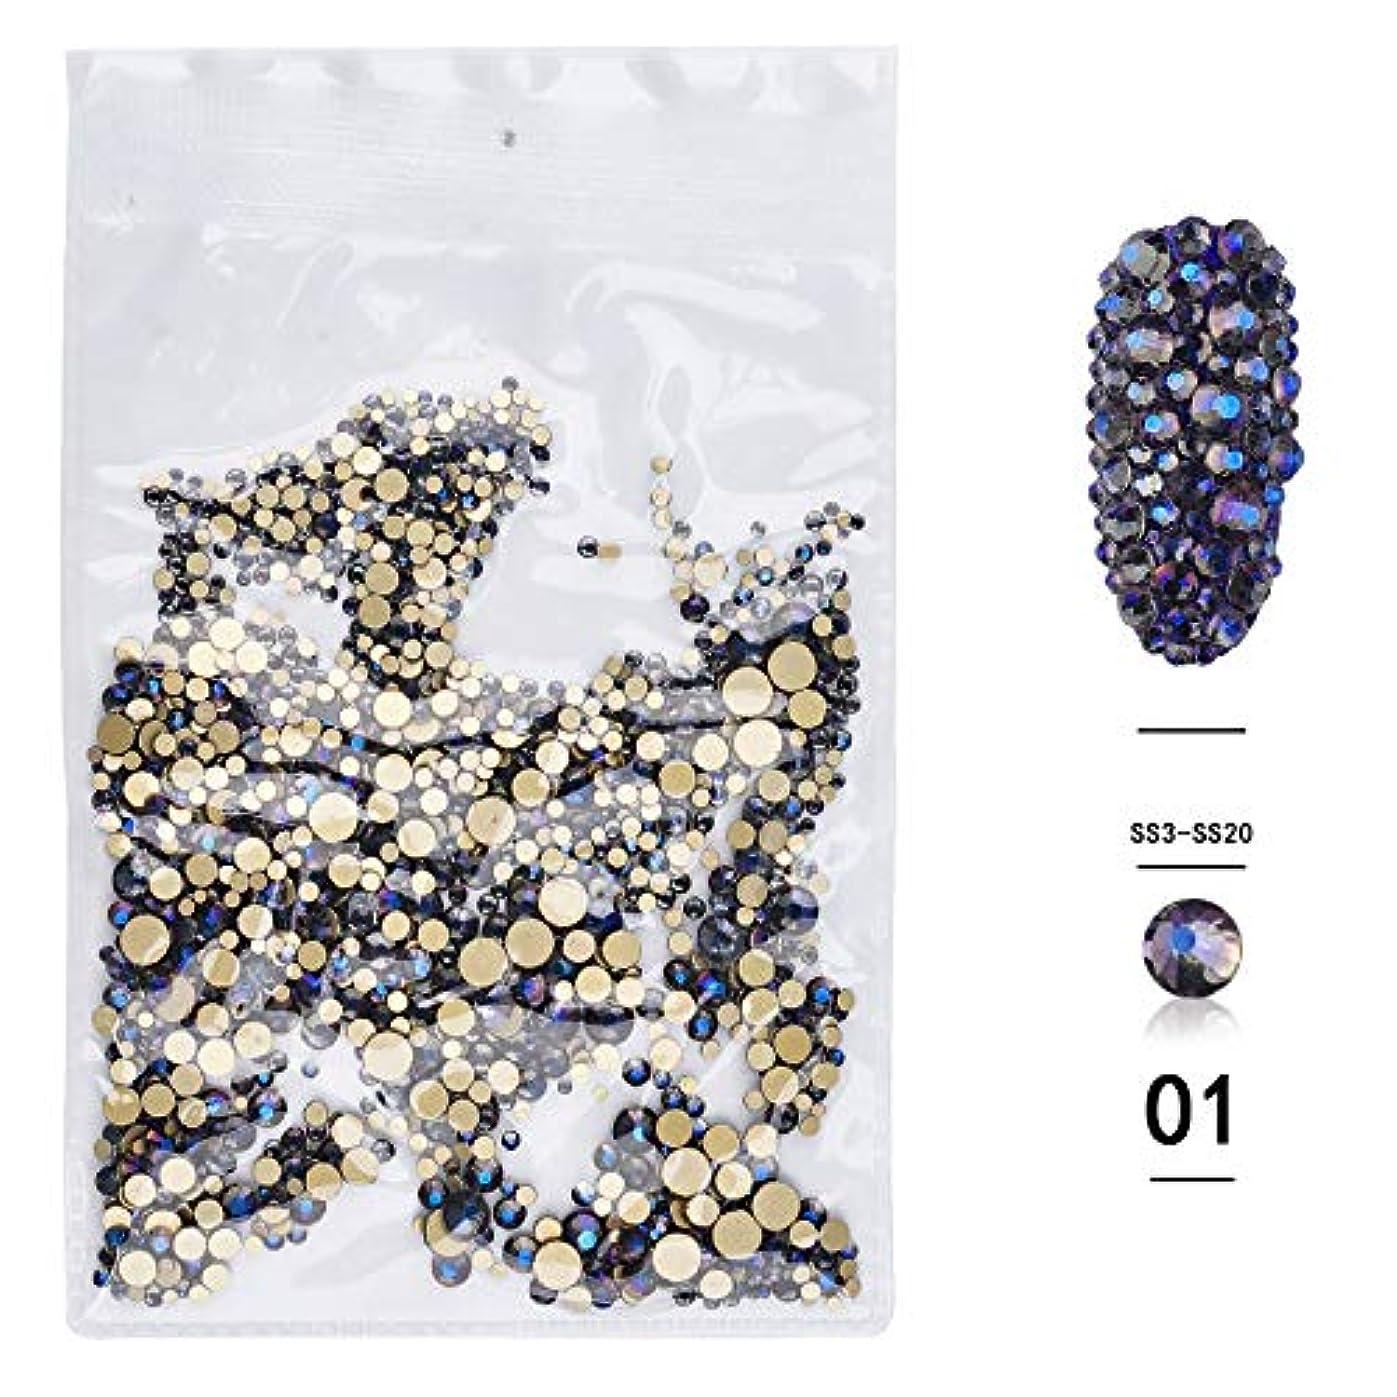 (1440pcsのパック)ネイルアートラインストーン3DデコレーションフラットボトムダイヤモンドシャイニーABクリスタル混合サイズDIYアクセサリー